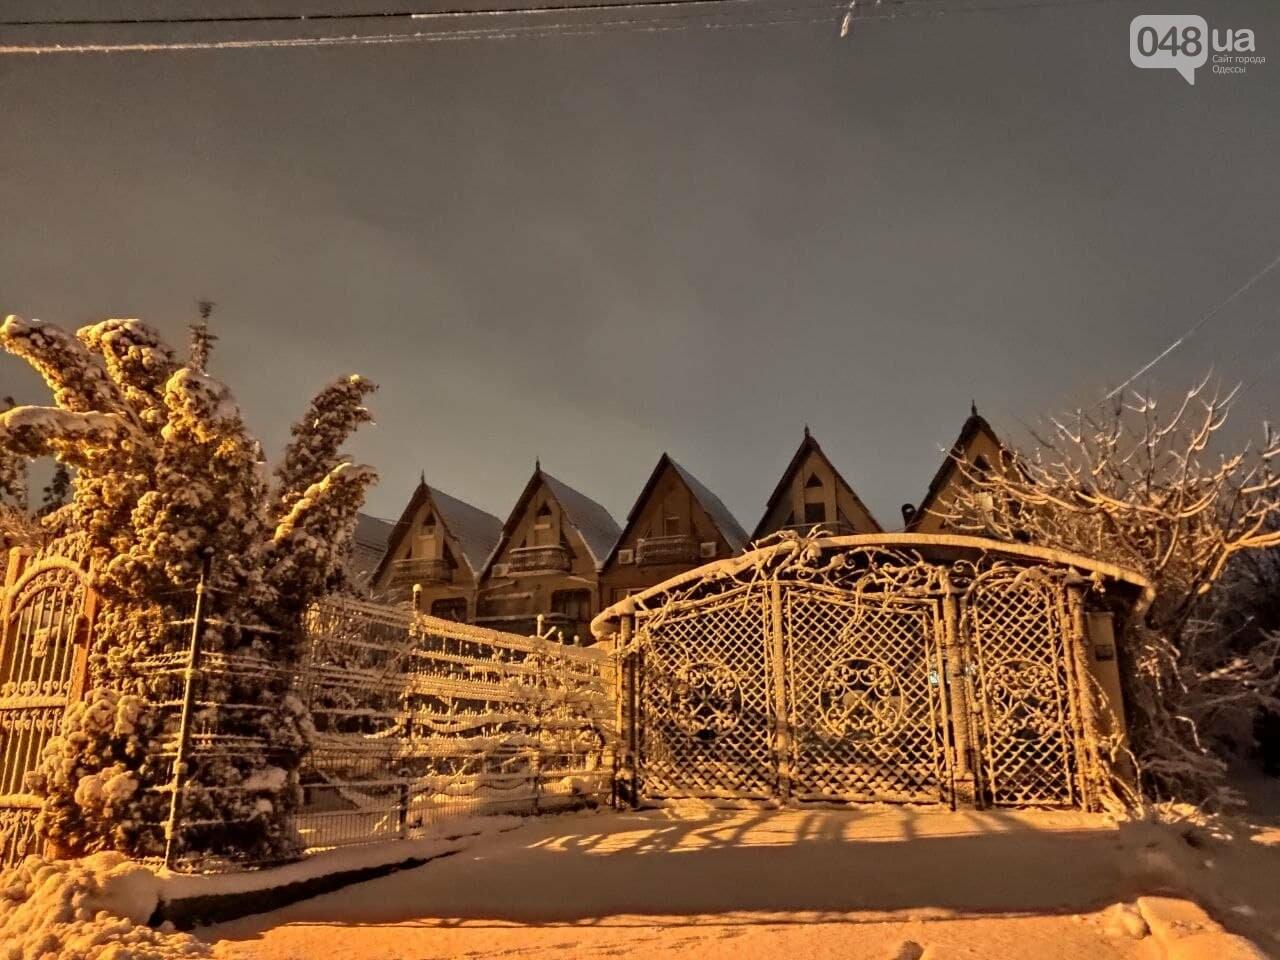 Зимняя сказка на одесской Рублевке: как выглядит Совиньон в снегу, - ФОТОРЕПОРТАЖ, фото-21